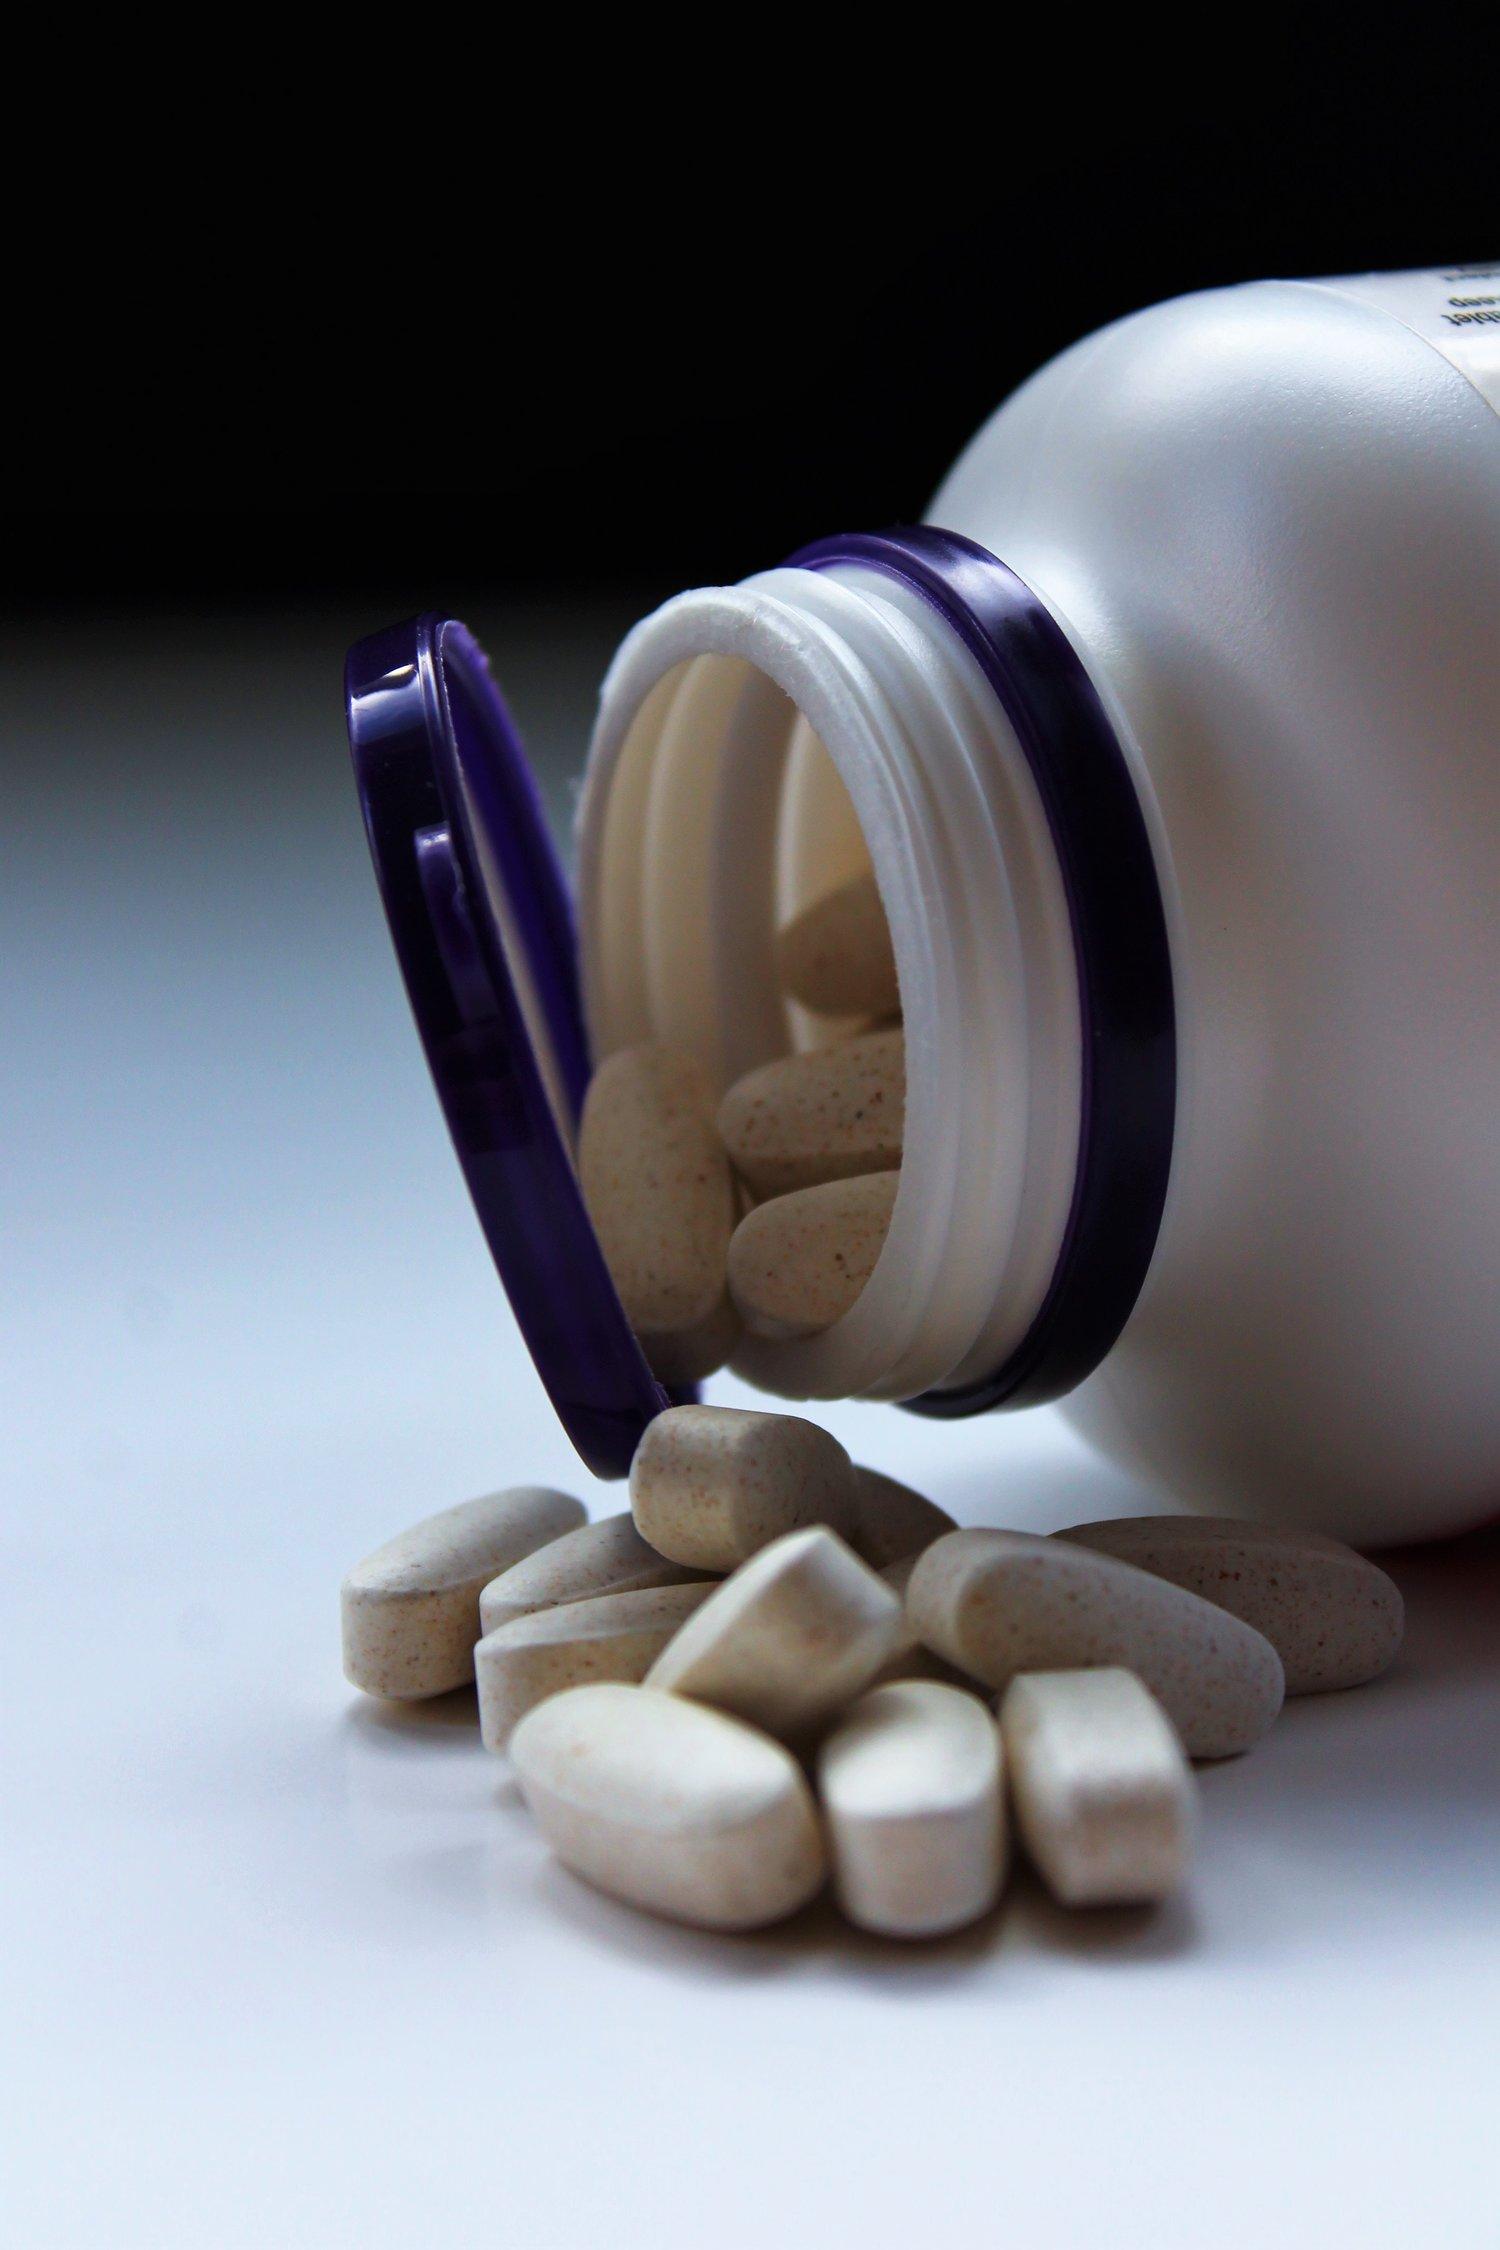 xifaxan dysbiosis ovarian cancer knee pain